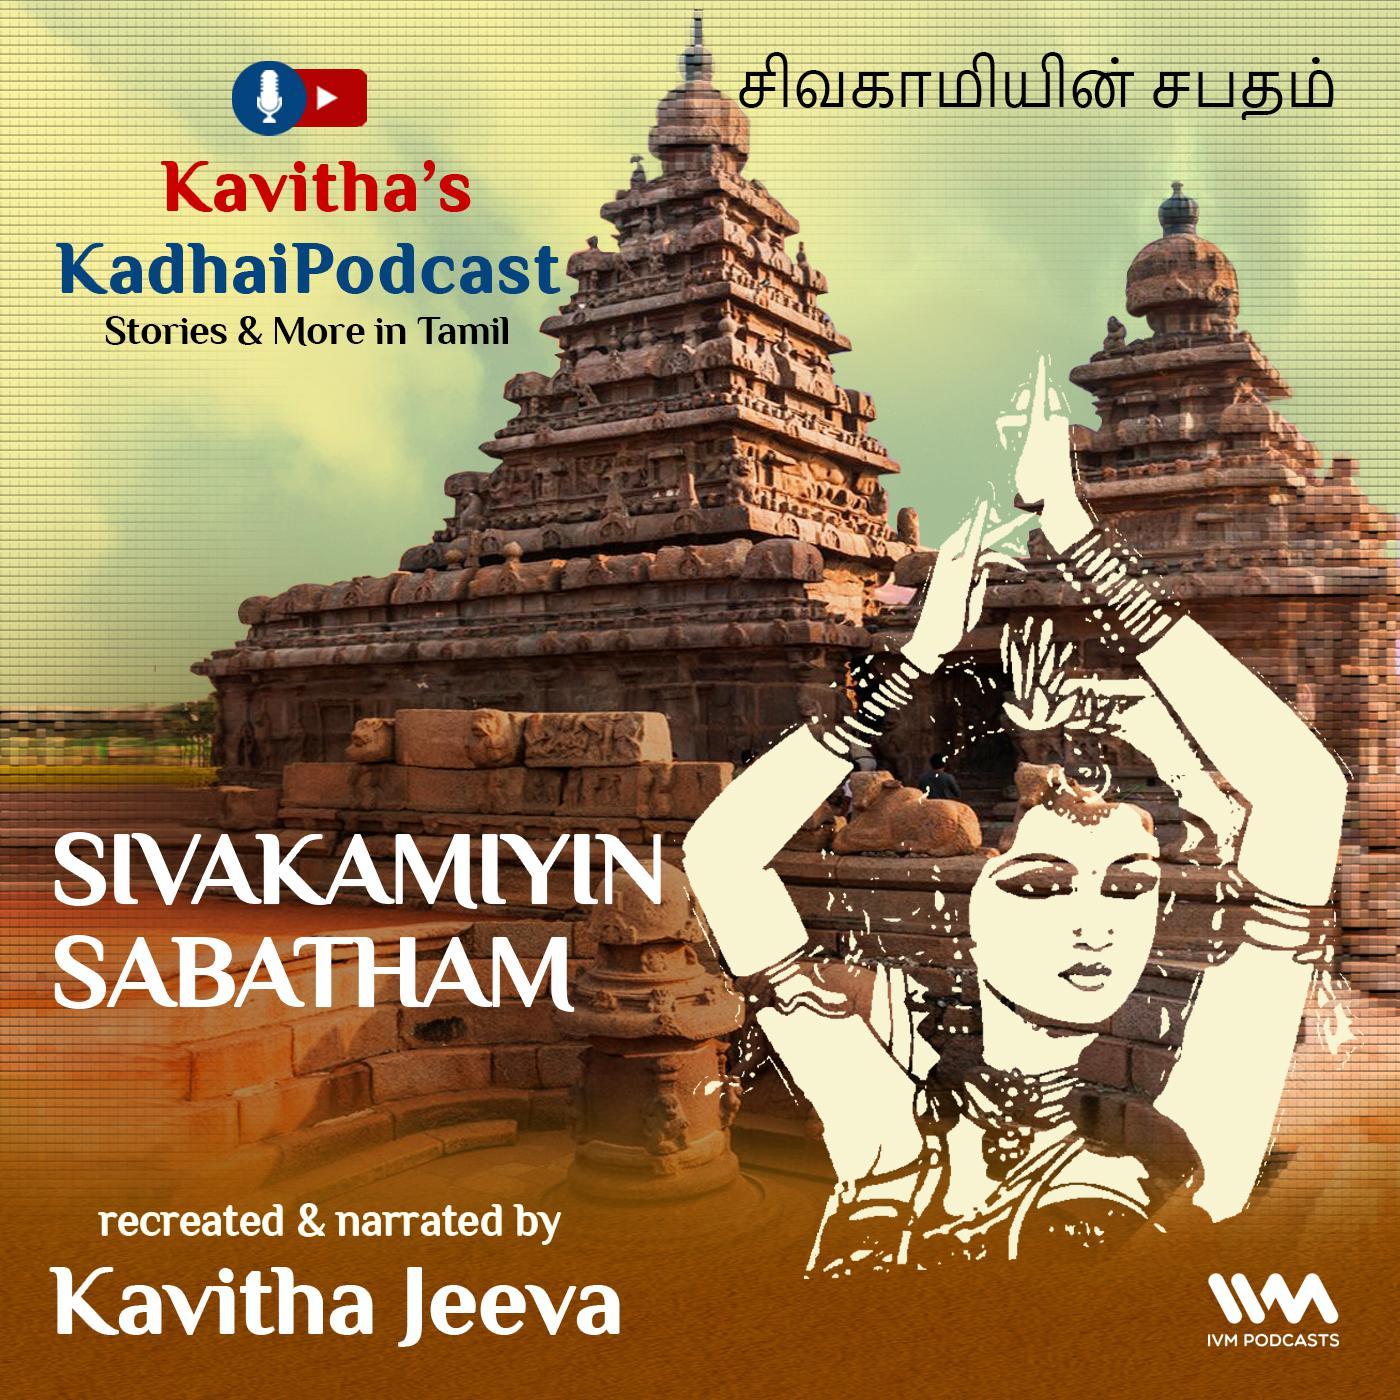 Sivakamiyin Sabatham Exclusive # 1